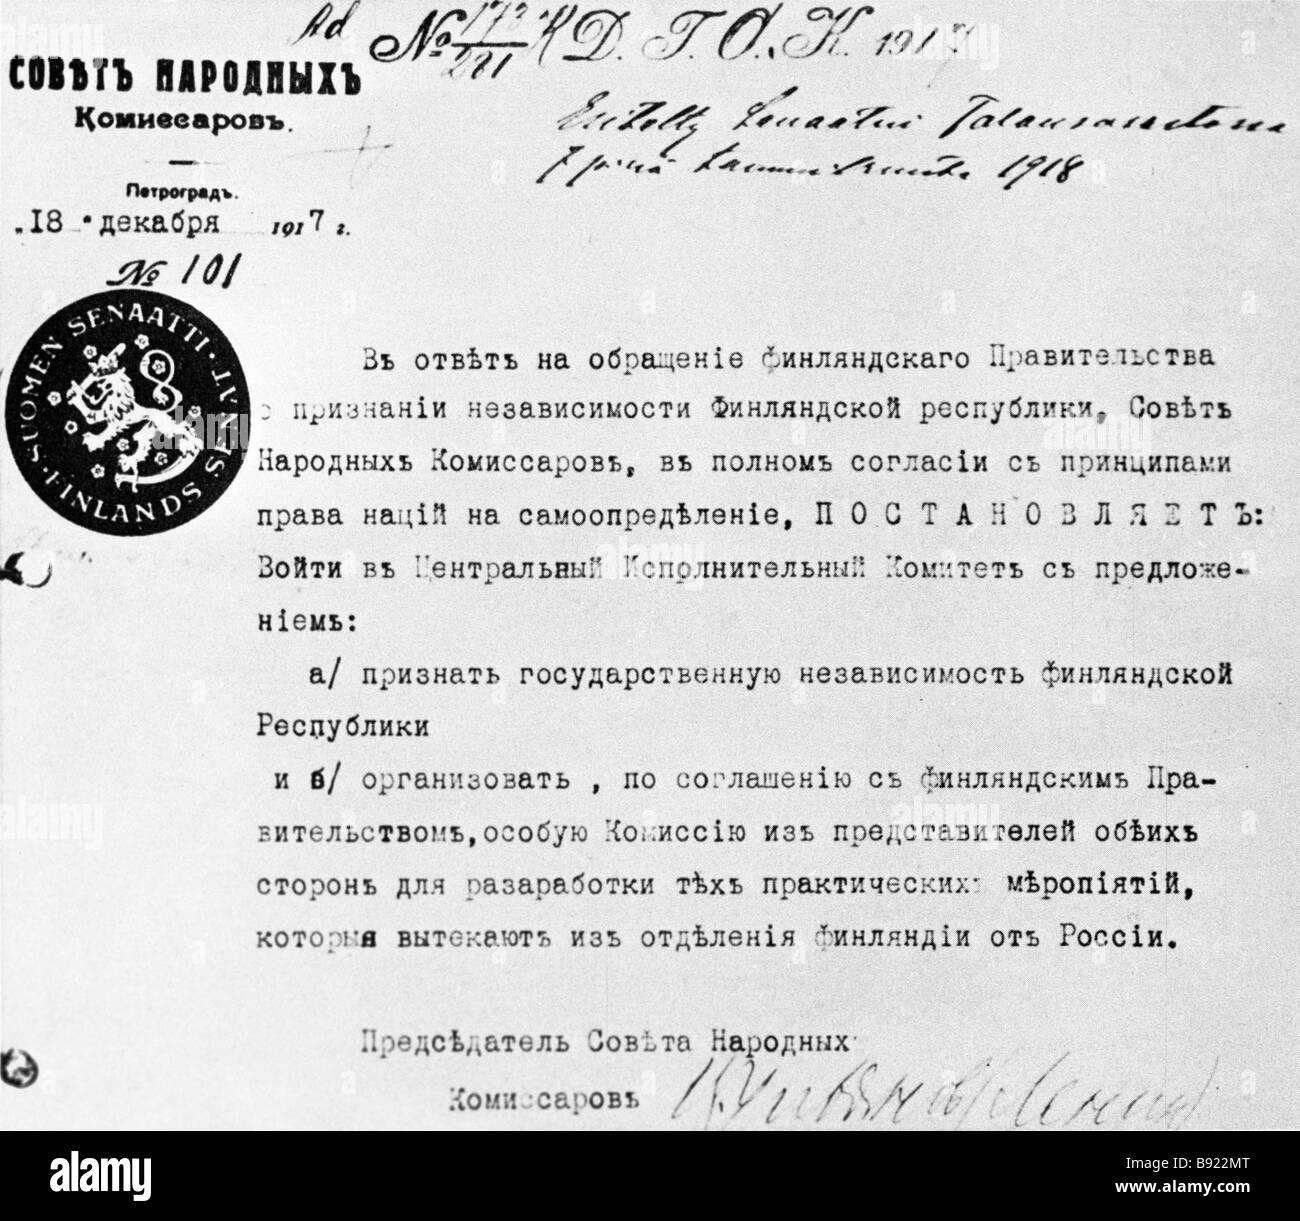 Décret du conseil des commissaires du peuple de la RSFSR en date du 31 décembre 1917 sur la reconnaissance Photo Stock